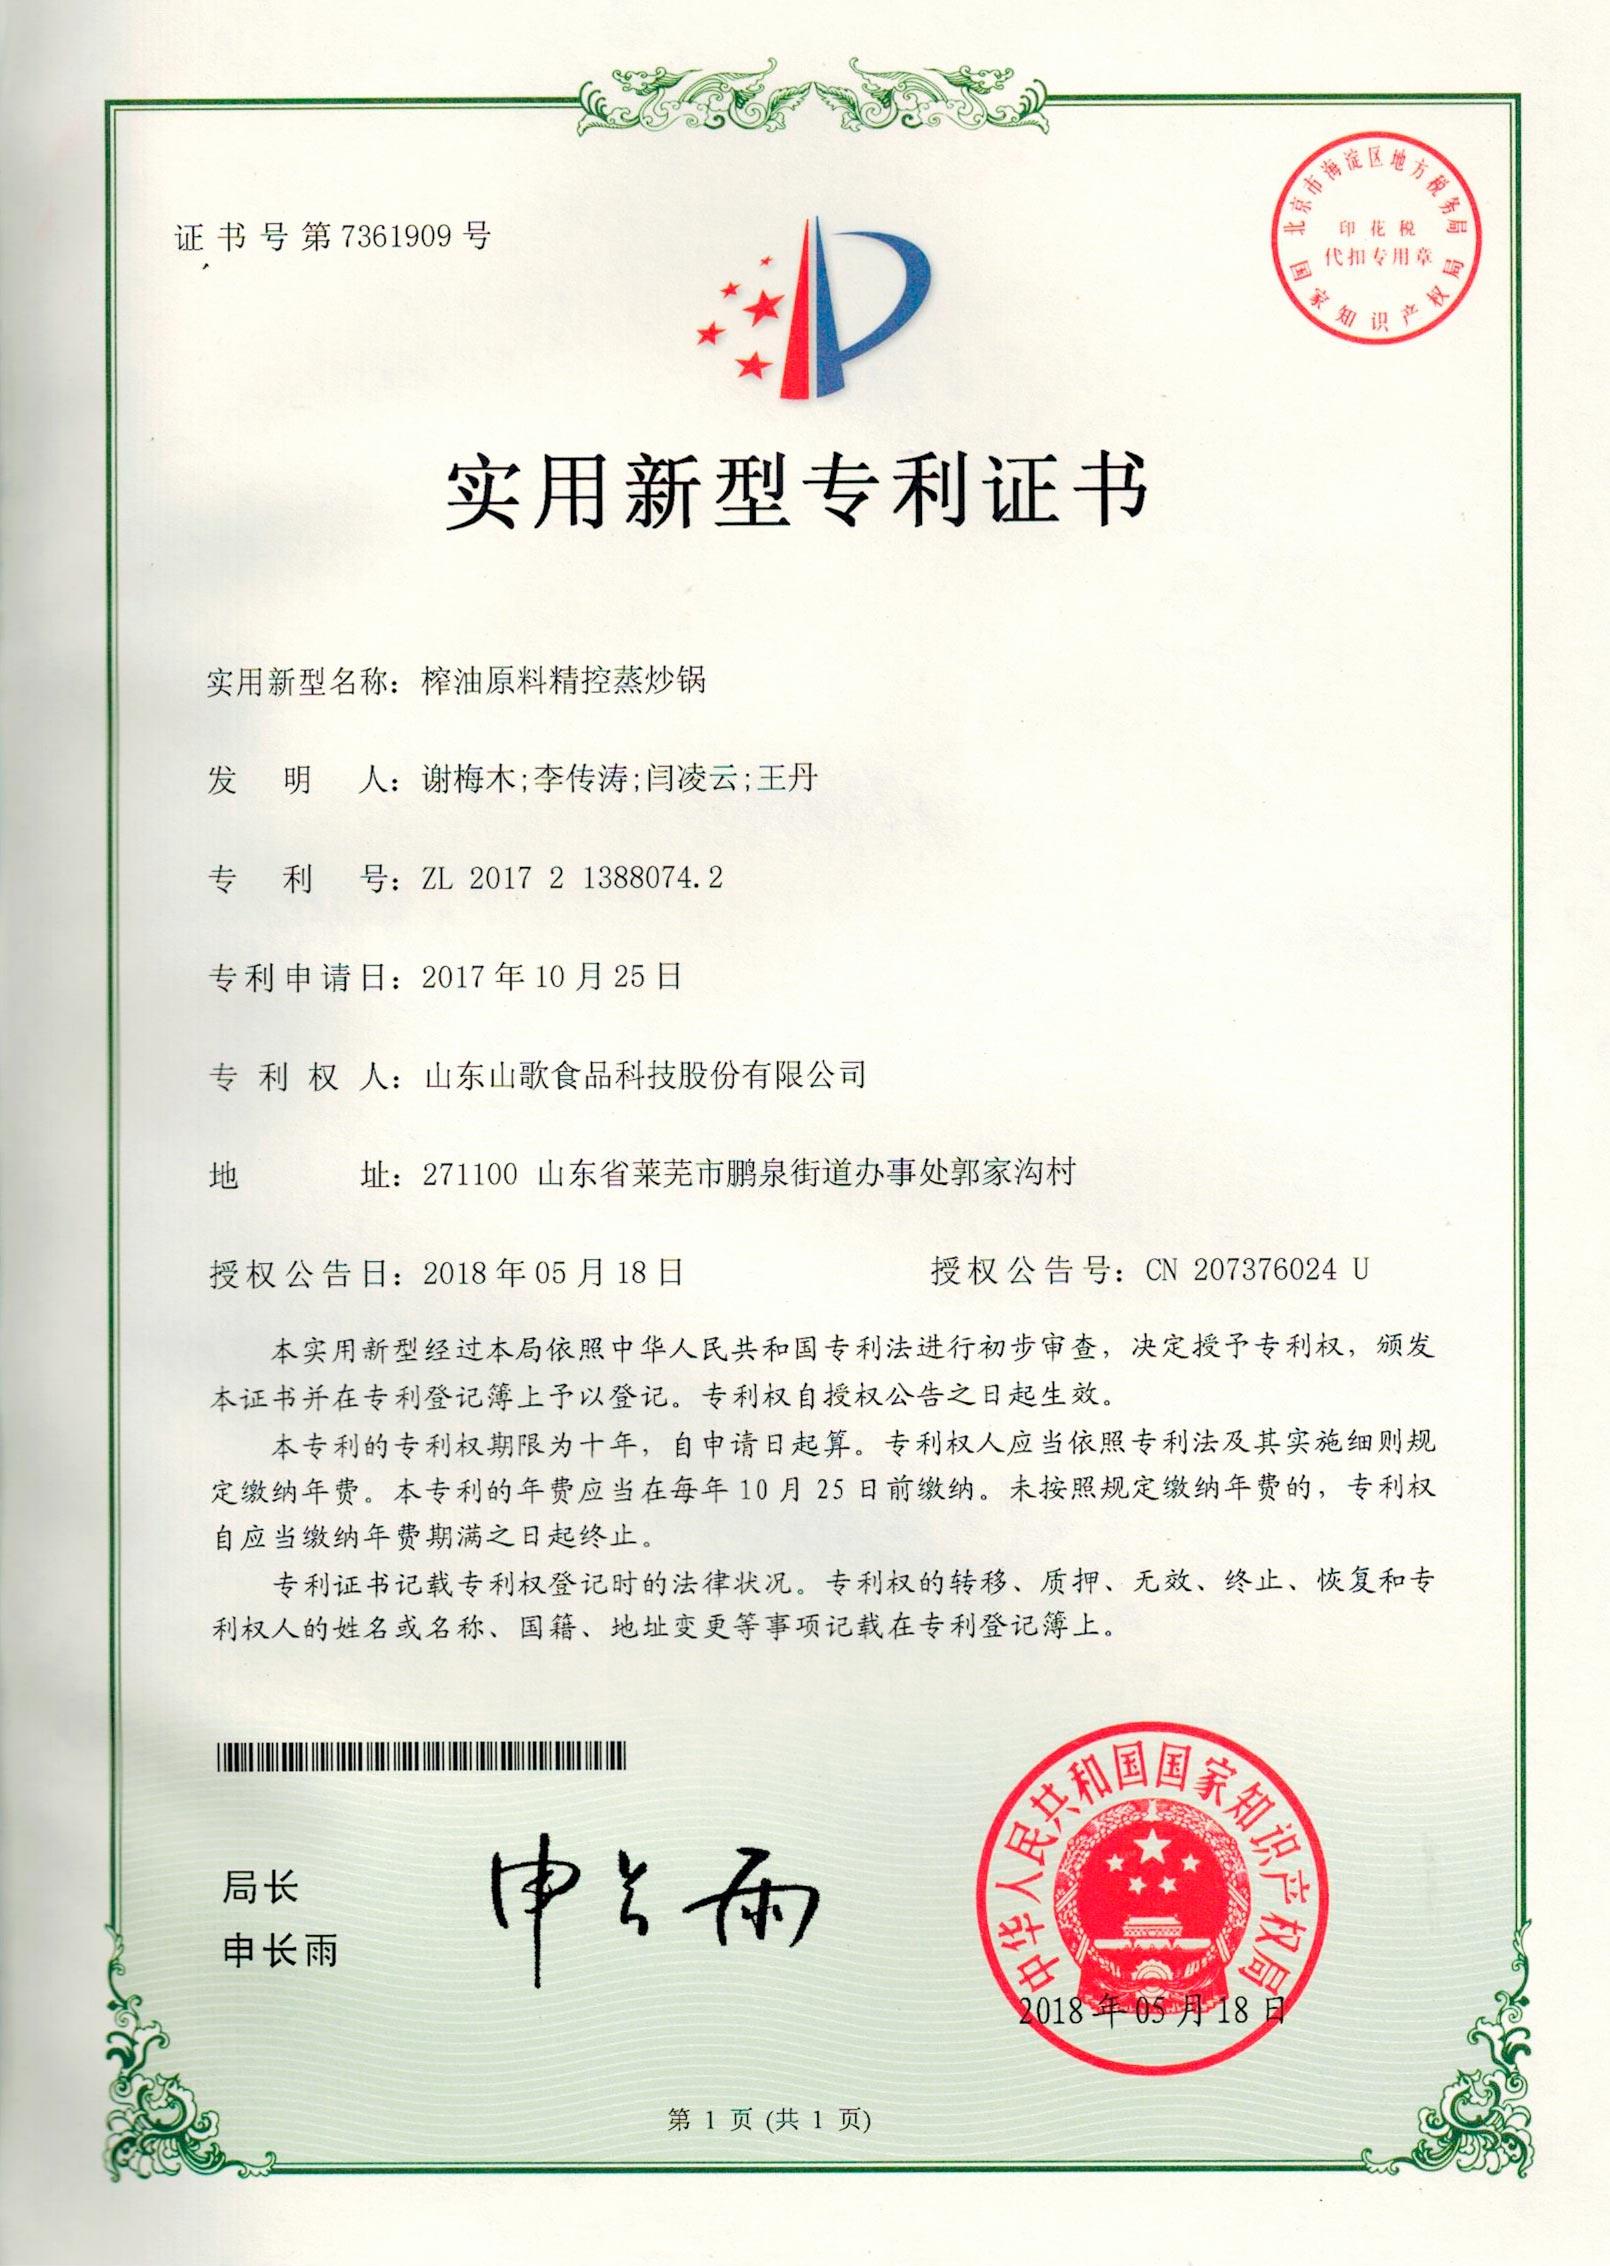 2018年5月18日获专利榨油原料精控蒸炒锅